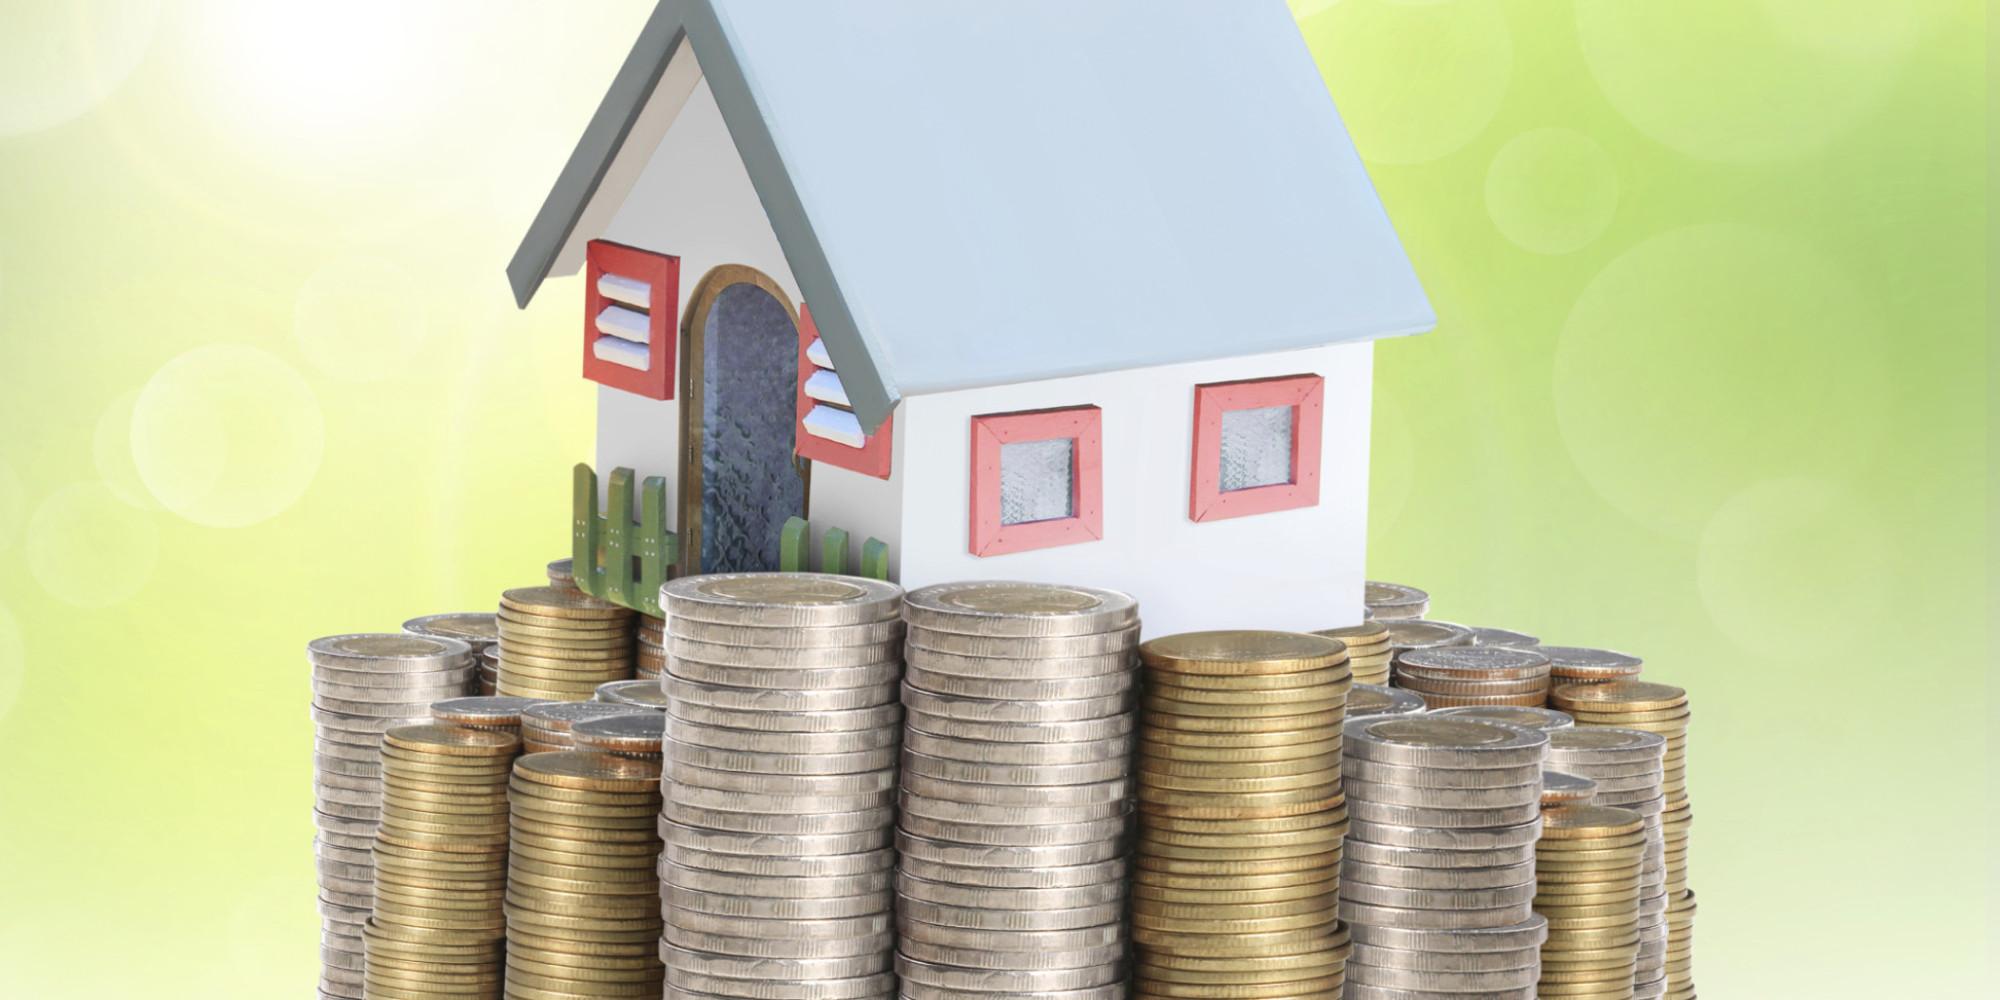 Изображение - Порядок уплаты и размер госпошлины за дарение квартиры o-MIETEN-facebook